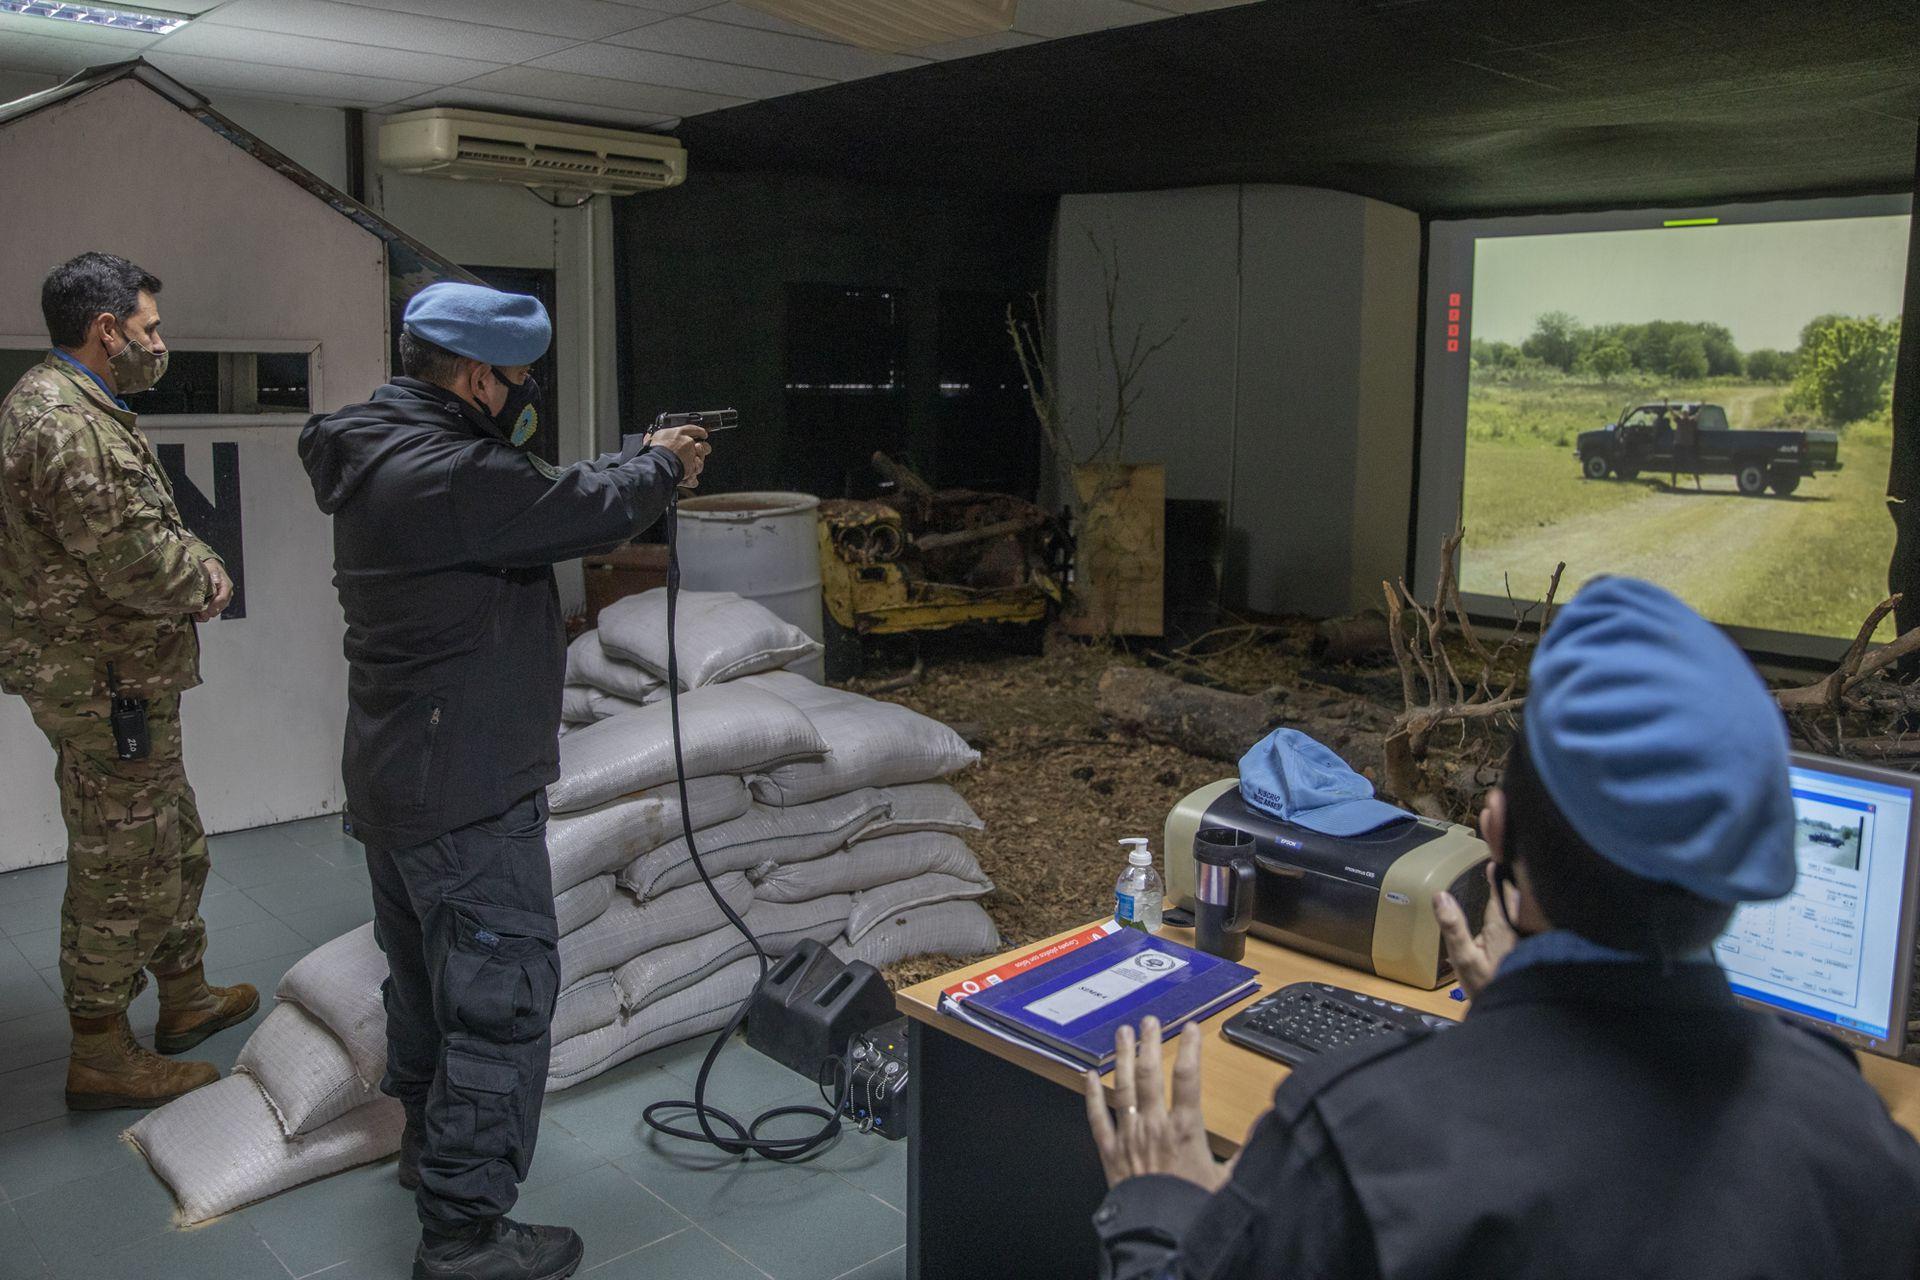 Ejercicios en el Centro Argentino de Entrenamiento Conjunto para Operaciones de Paz (Caecopaz) para el despliegue de militares en misiones de la ONU